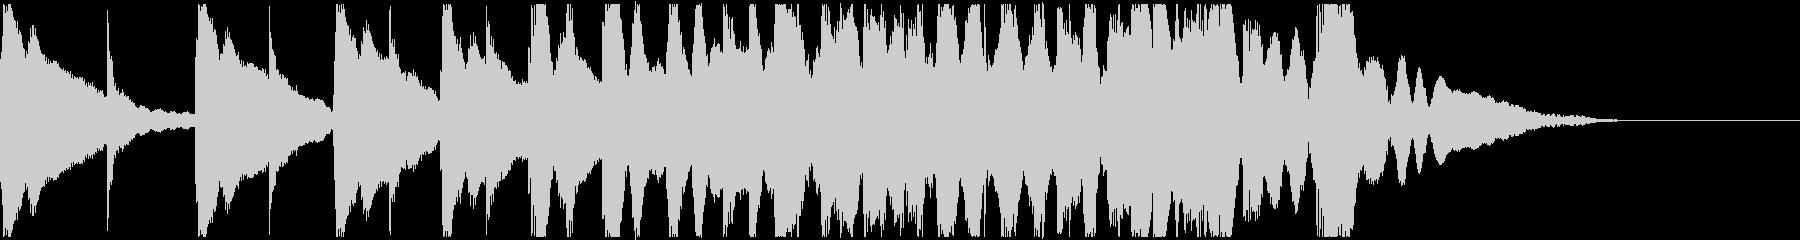 低い太鼓と高い太鼓が交互に次第に速く鳴るの未再生の波形